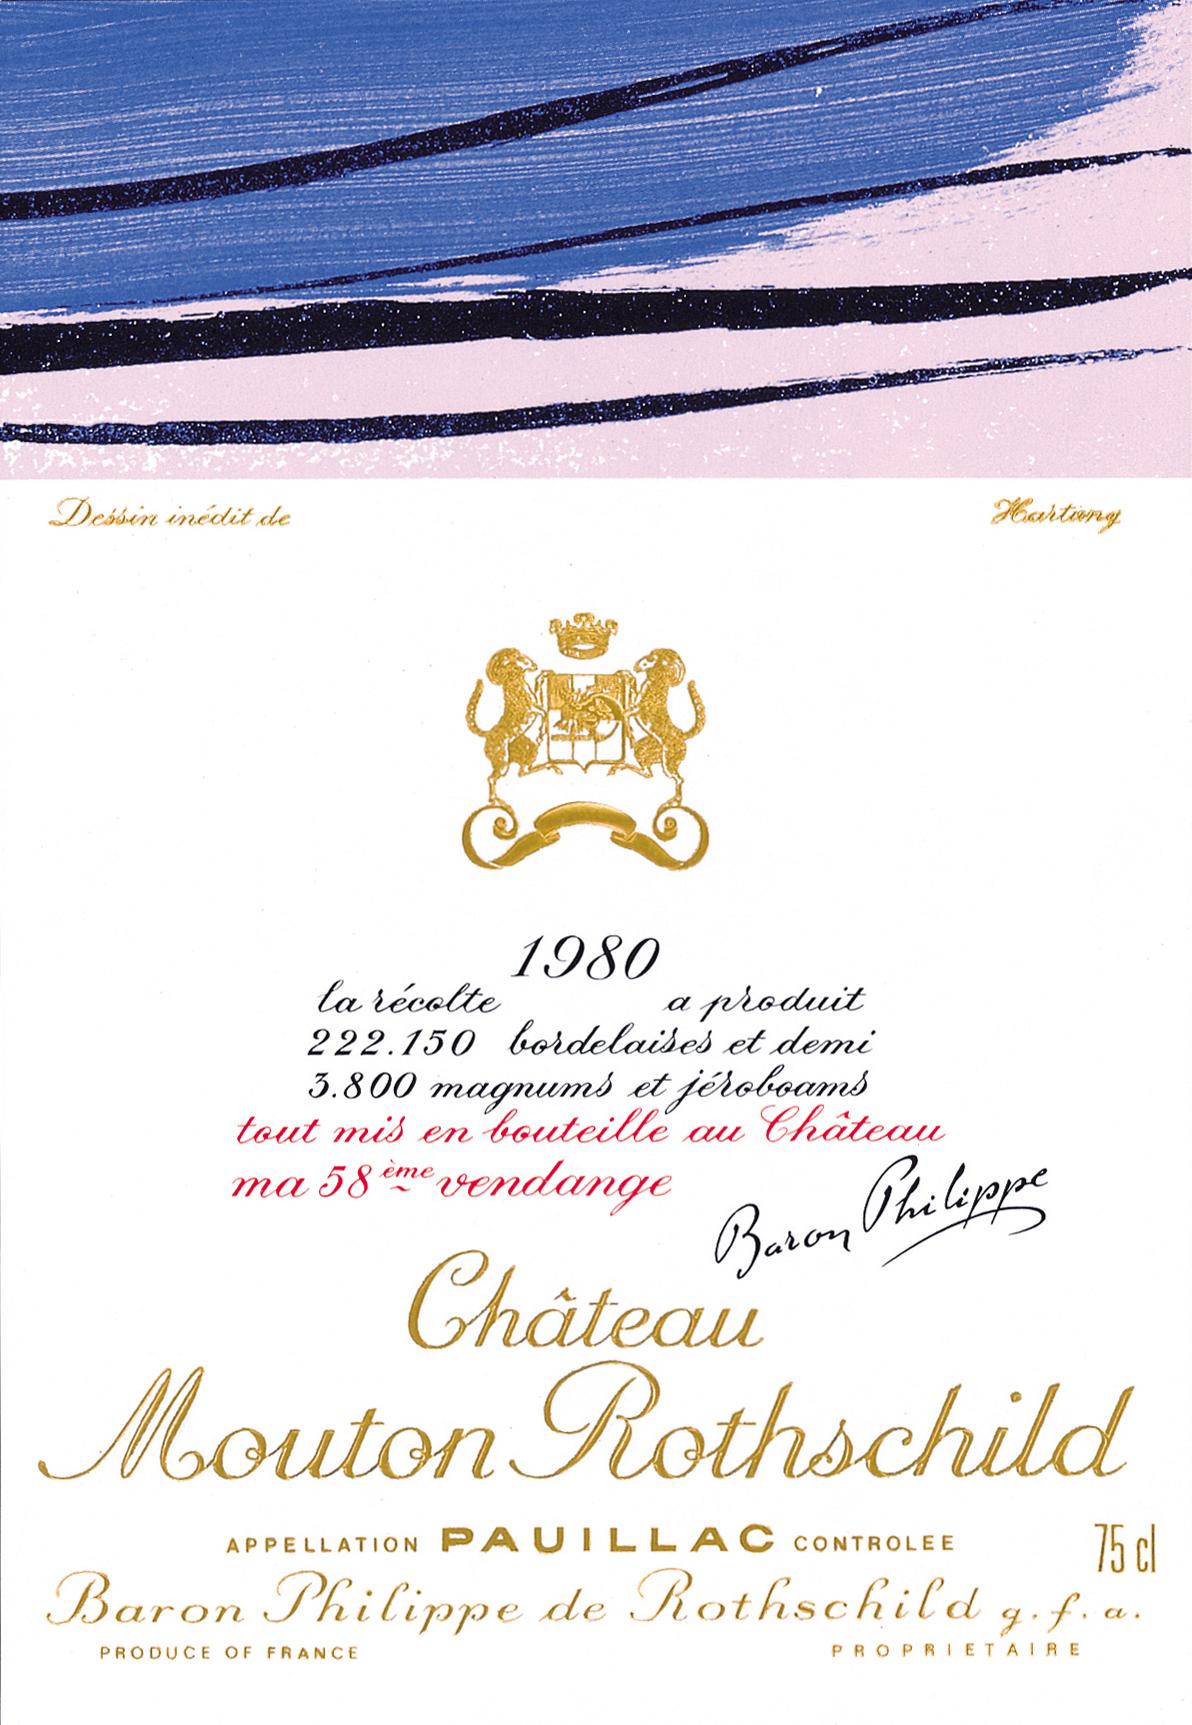 Etiquette Mouton Rothschild 1980